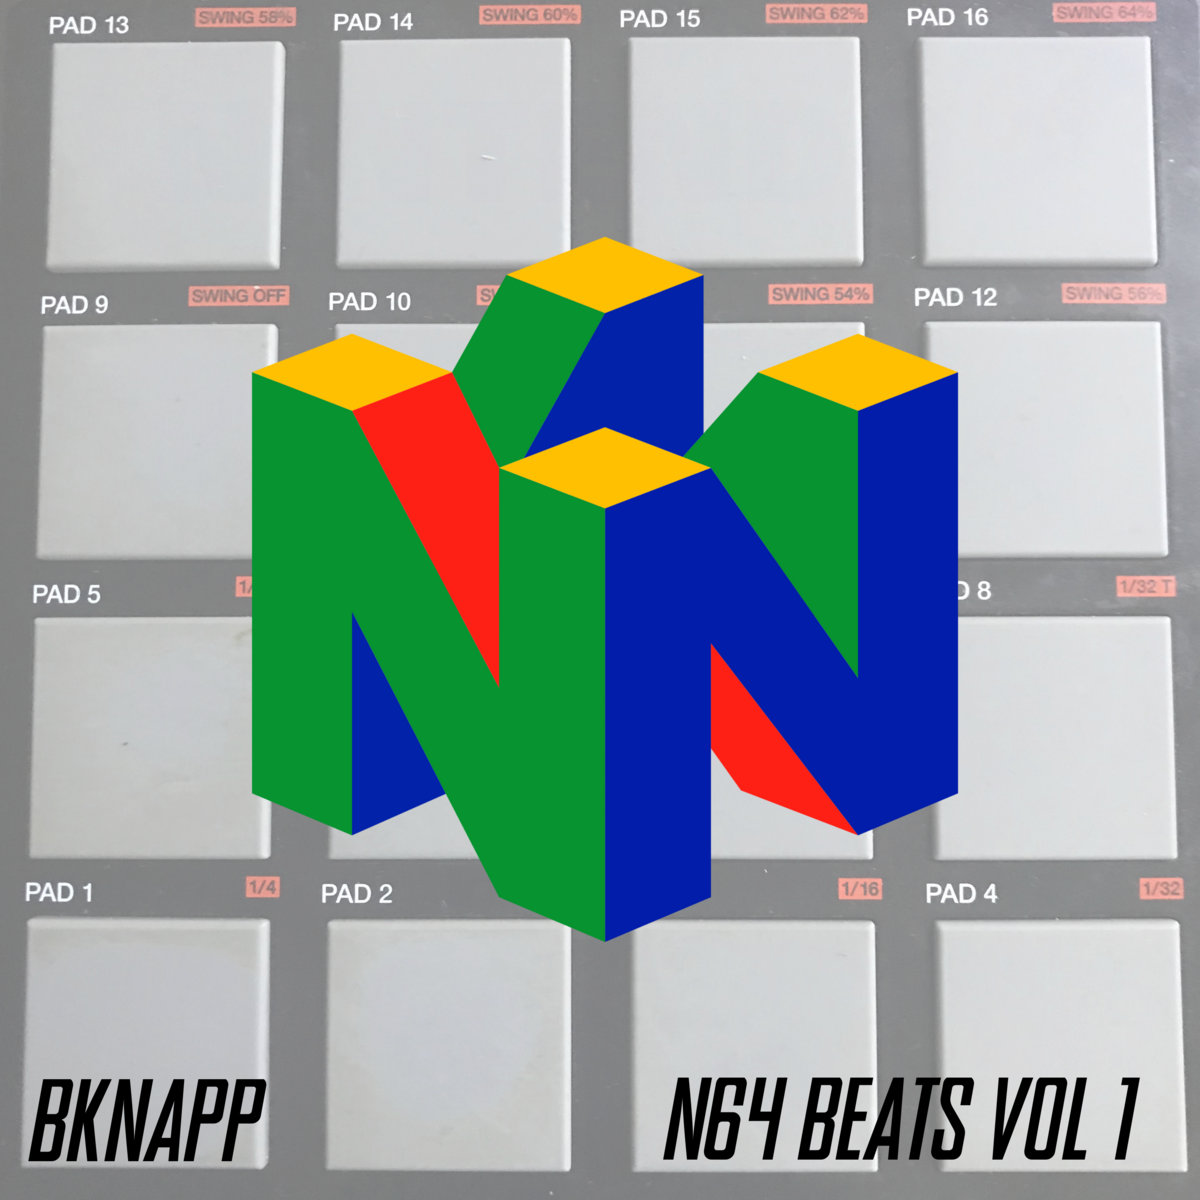 Nintendo 64 Beats | Bknapp